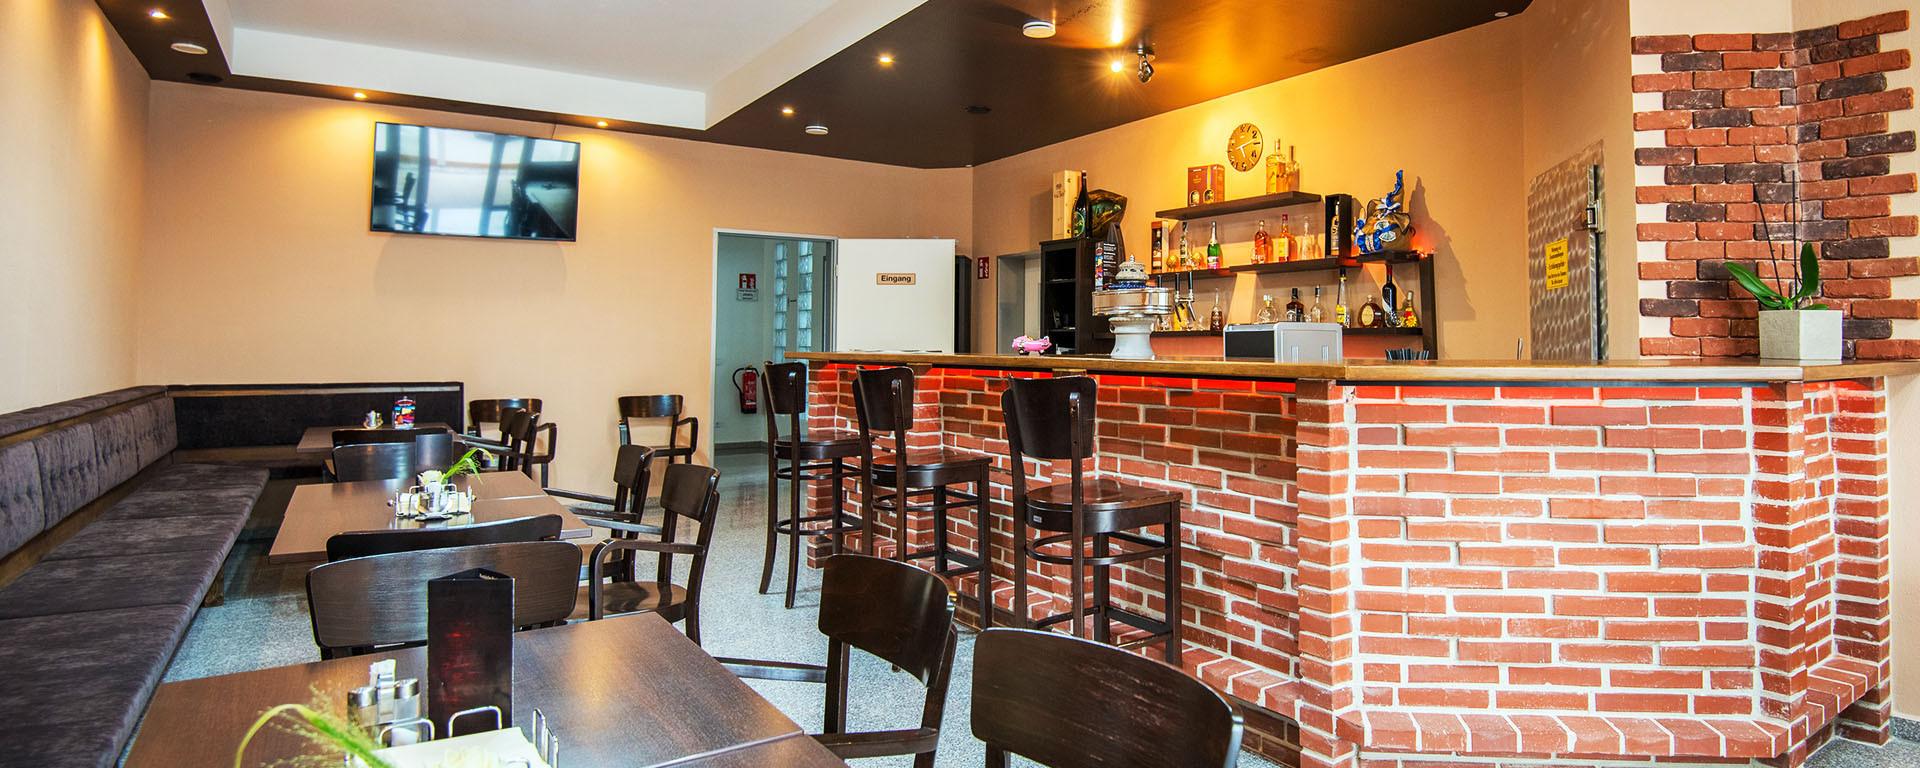 Gut essen und genießen in Hotel-Restaurant in 86551 Aichach bei Dasing/ Augsburg